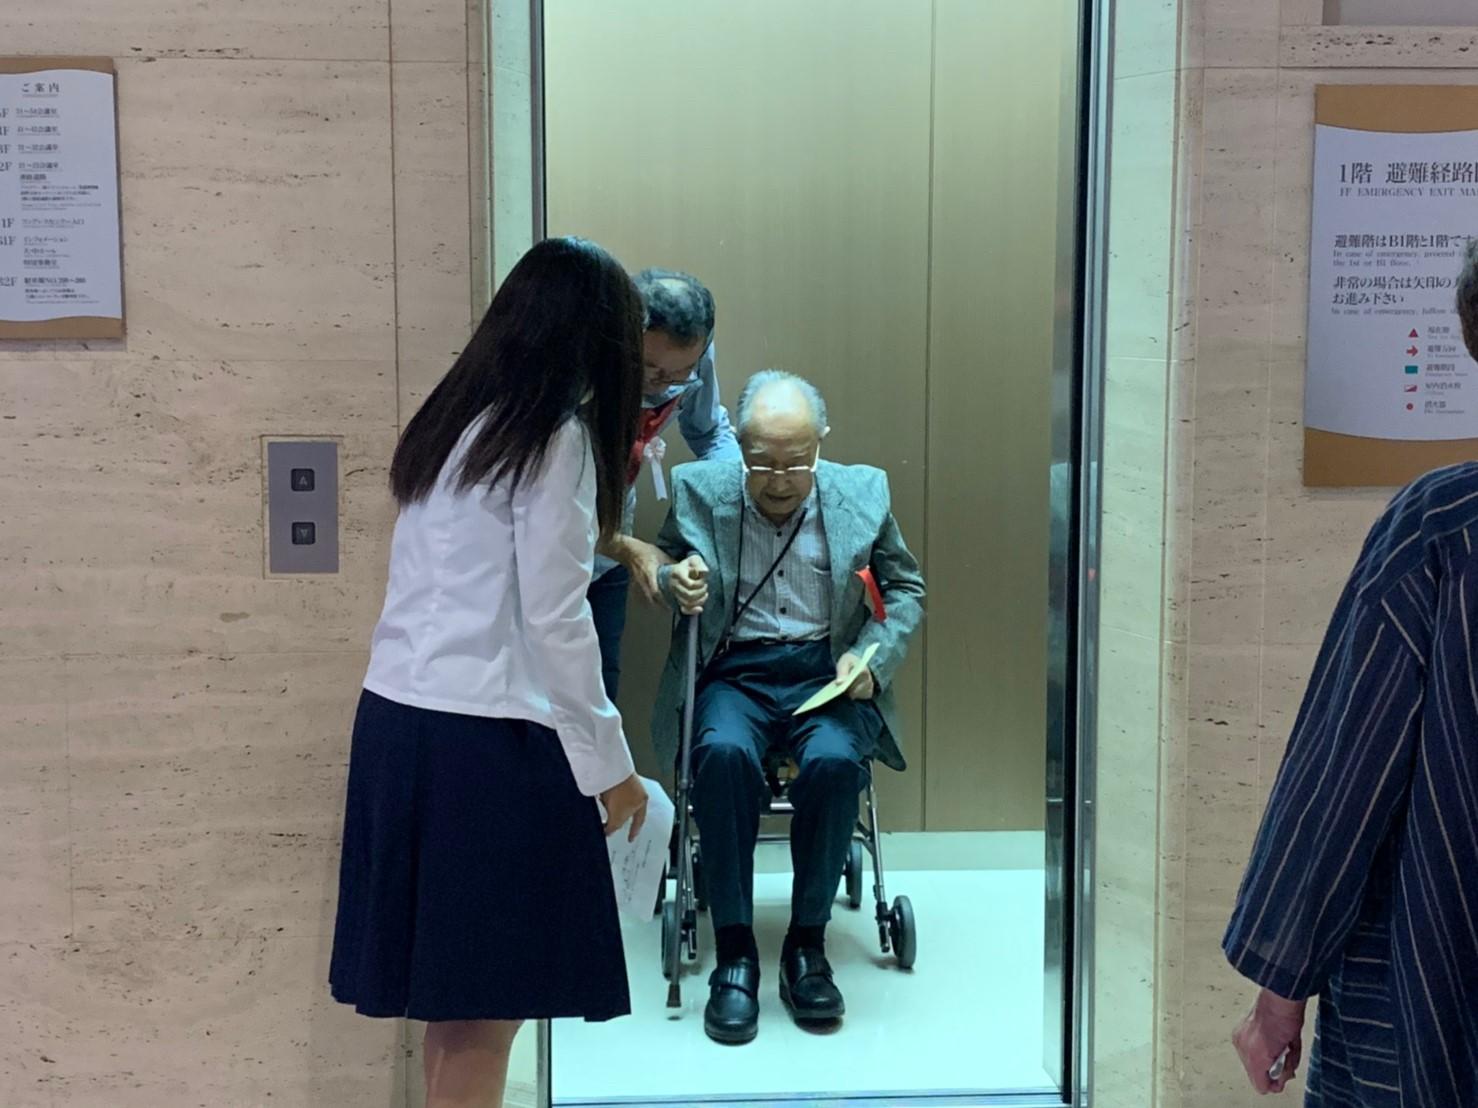 エレベーターの乗り降りを補助します